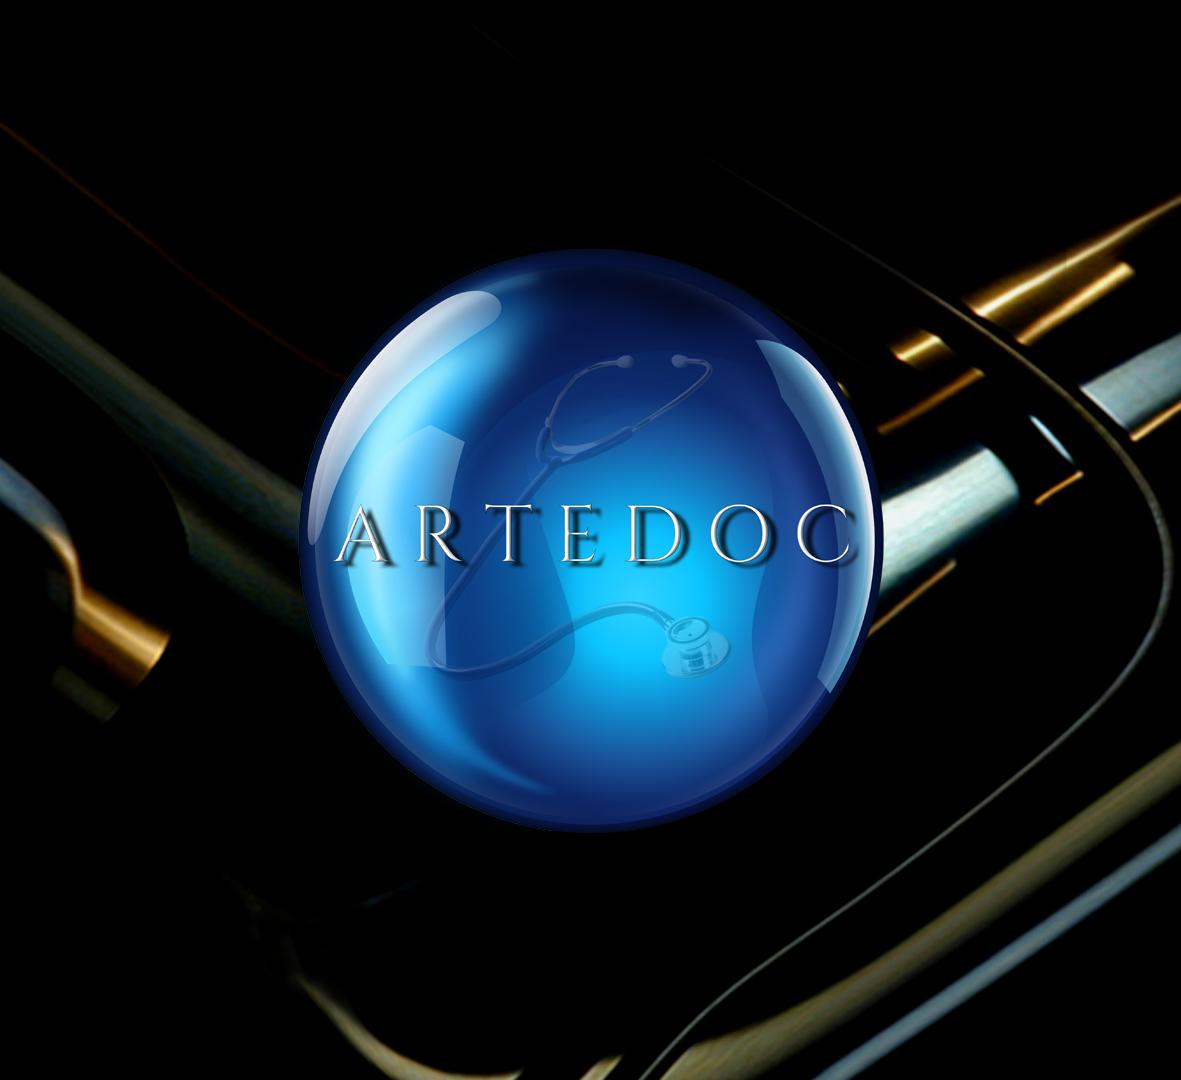 Artedoc App Icon